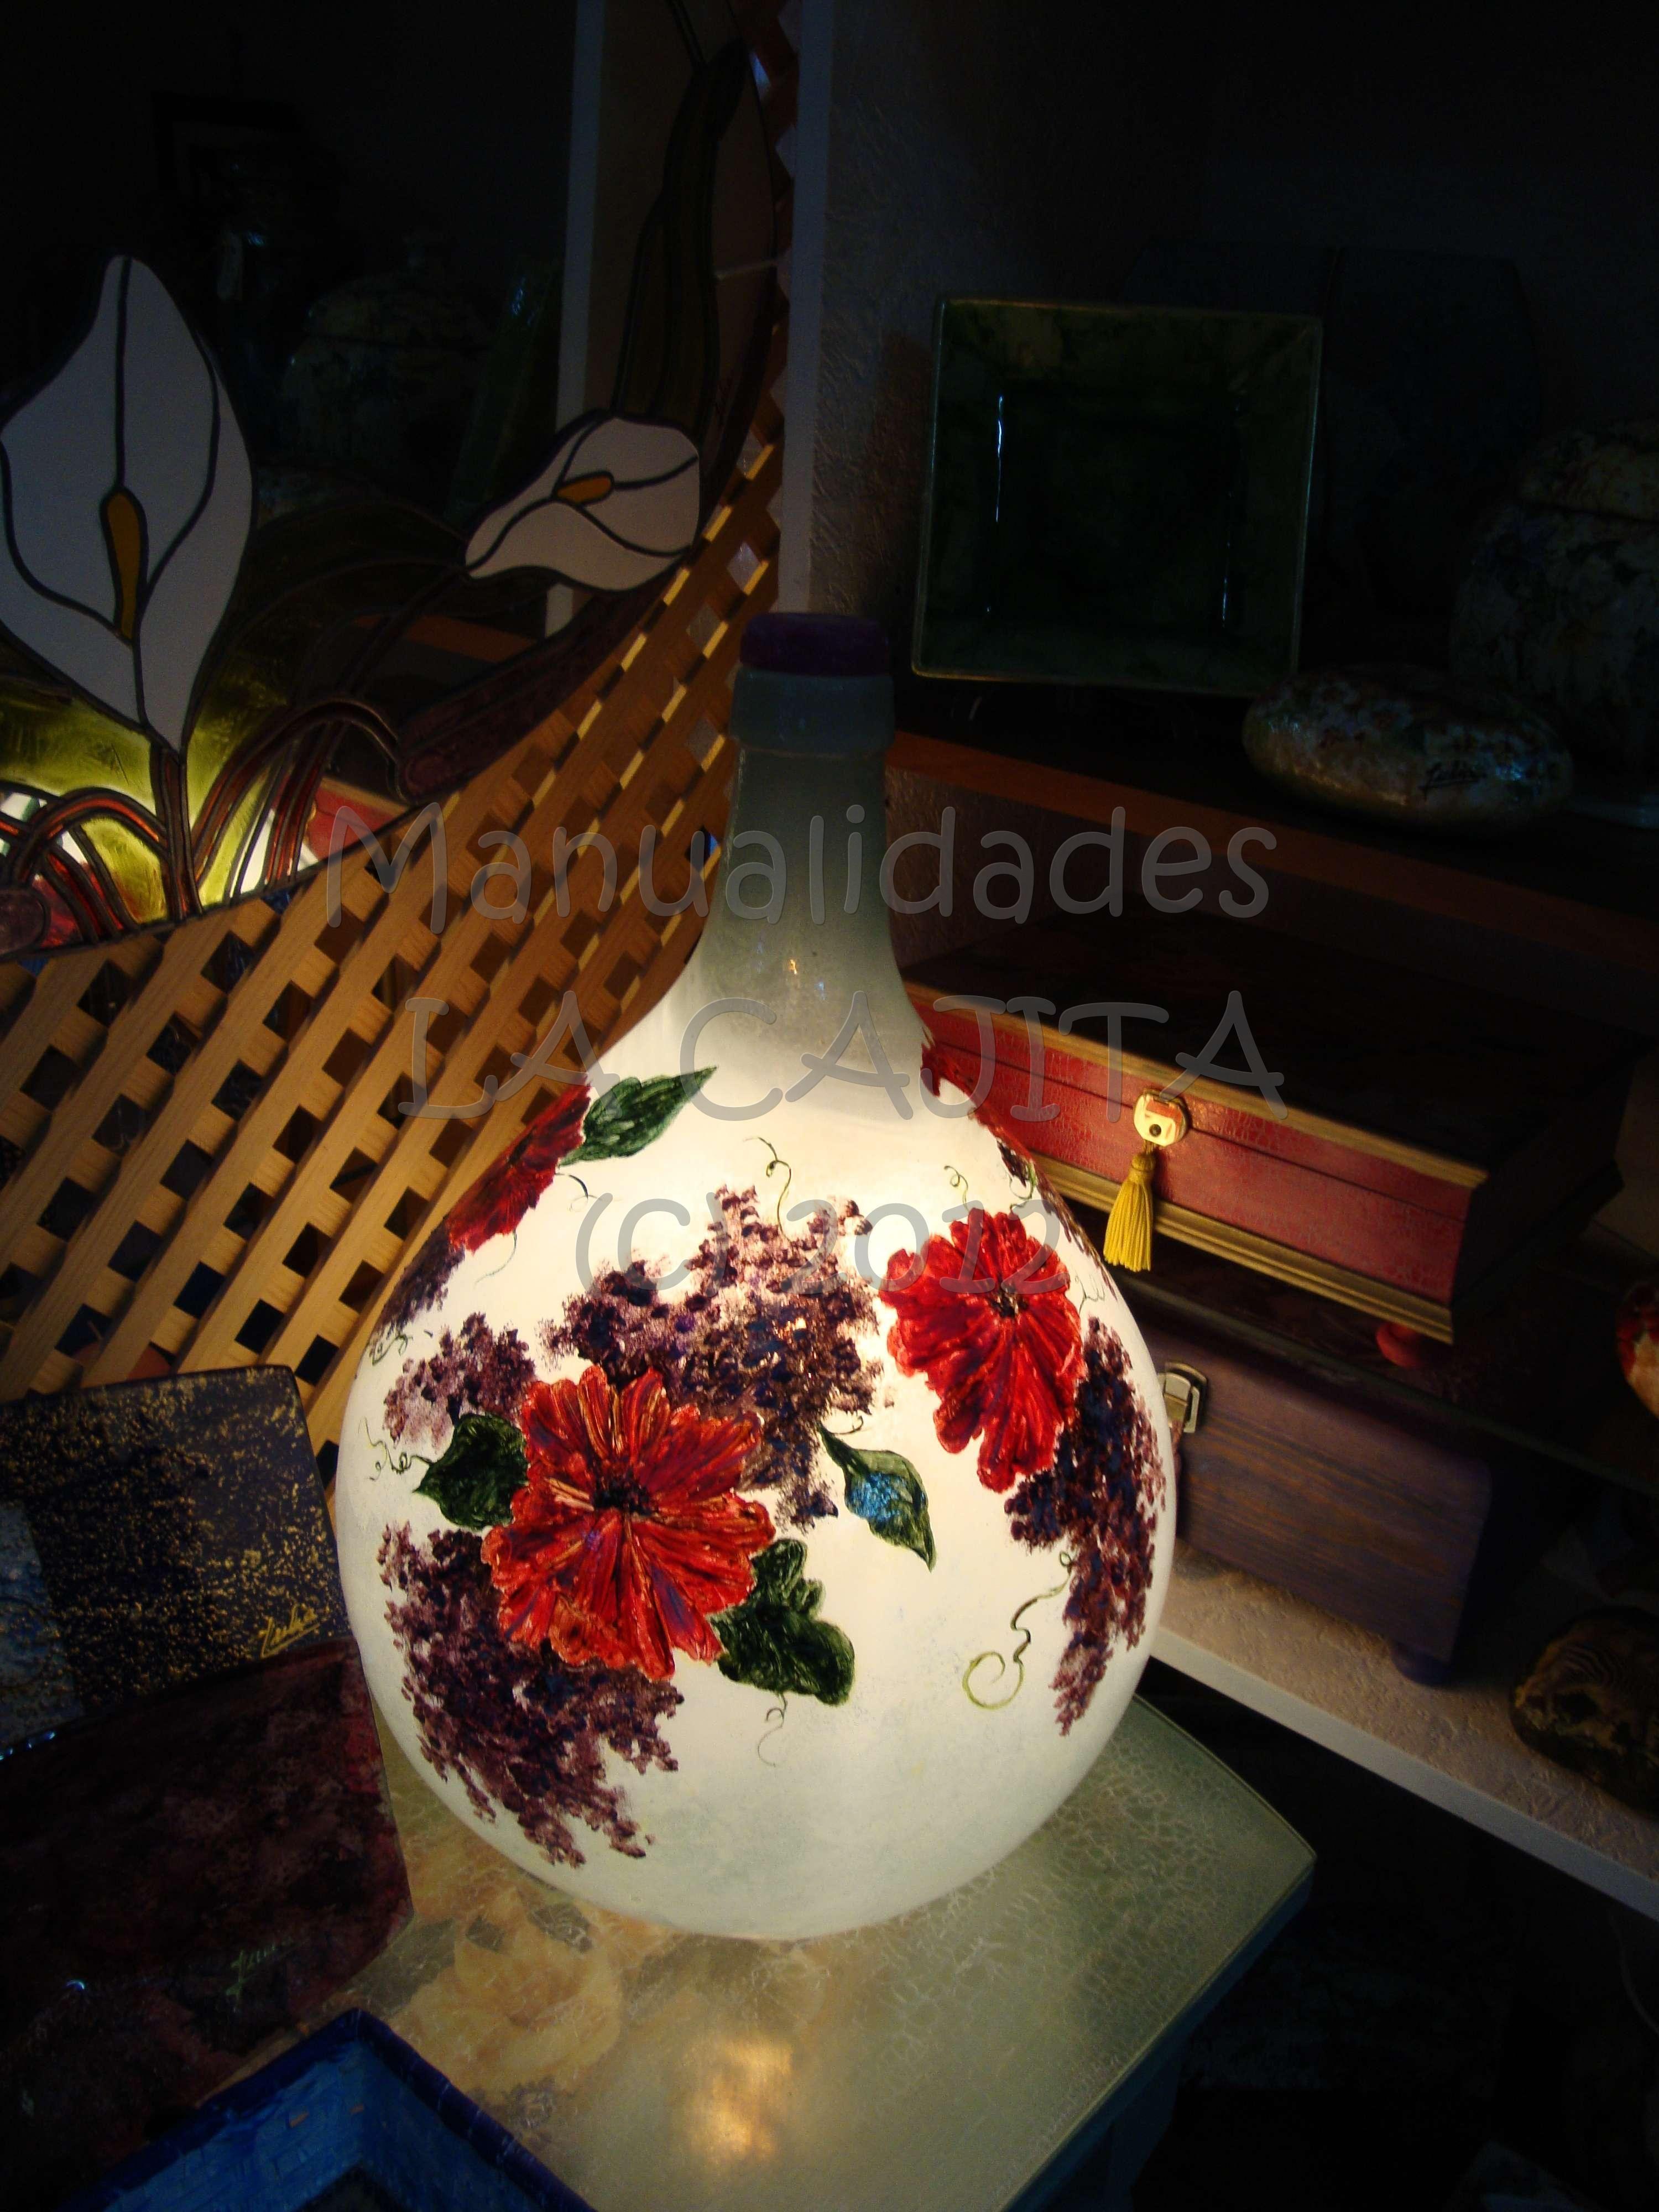 Frasca gigante de cristal decorada a mano con óleos y fondo frost (hielo) como lámpara.